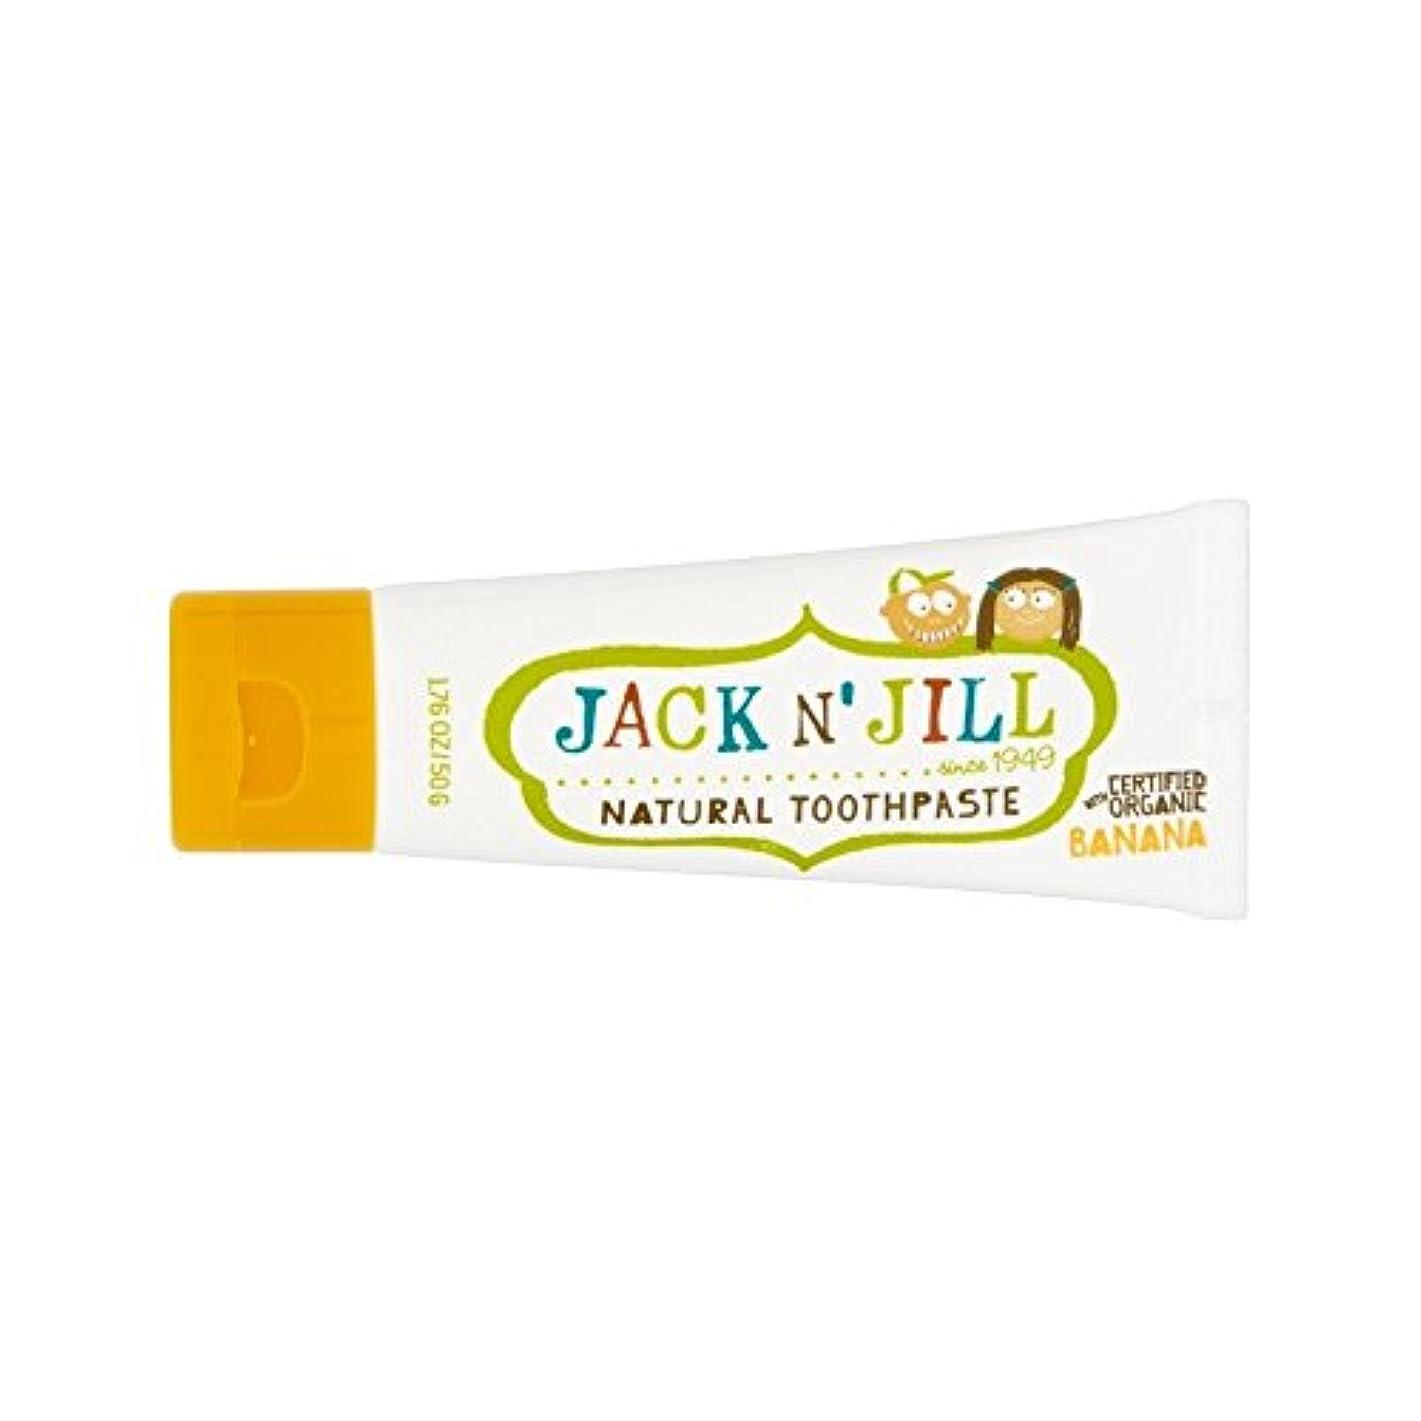 北東キャプテンブライアナウンサー有機香味50グラムと自然バナナ歯磨き粉 (Jack N Jill) (x 4) - Jack N' Jill Banana Toothpaste Natural with Organic Flavouring 50g (...